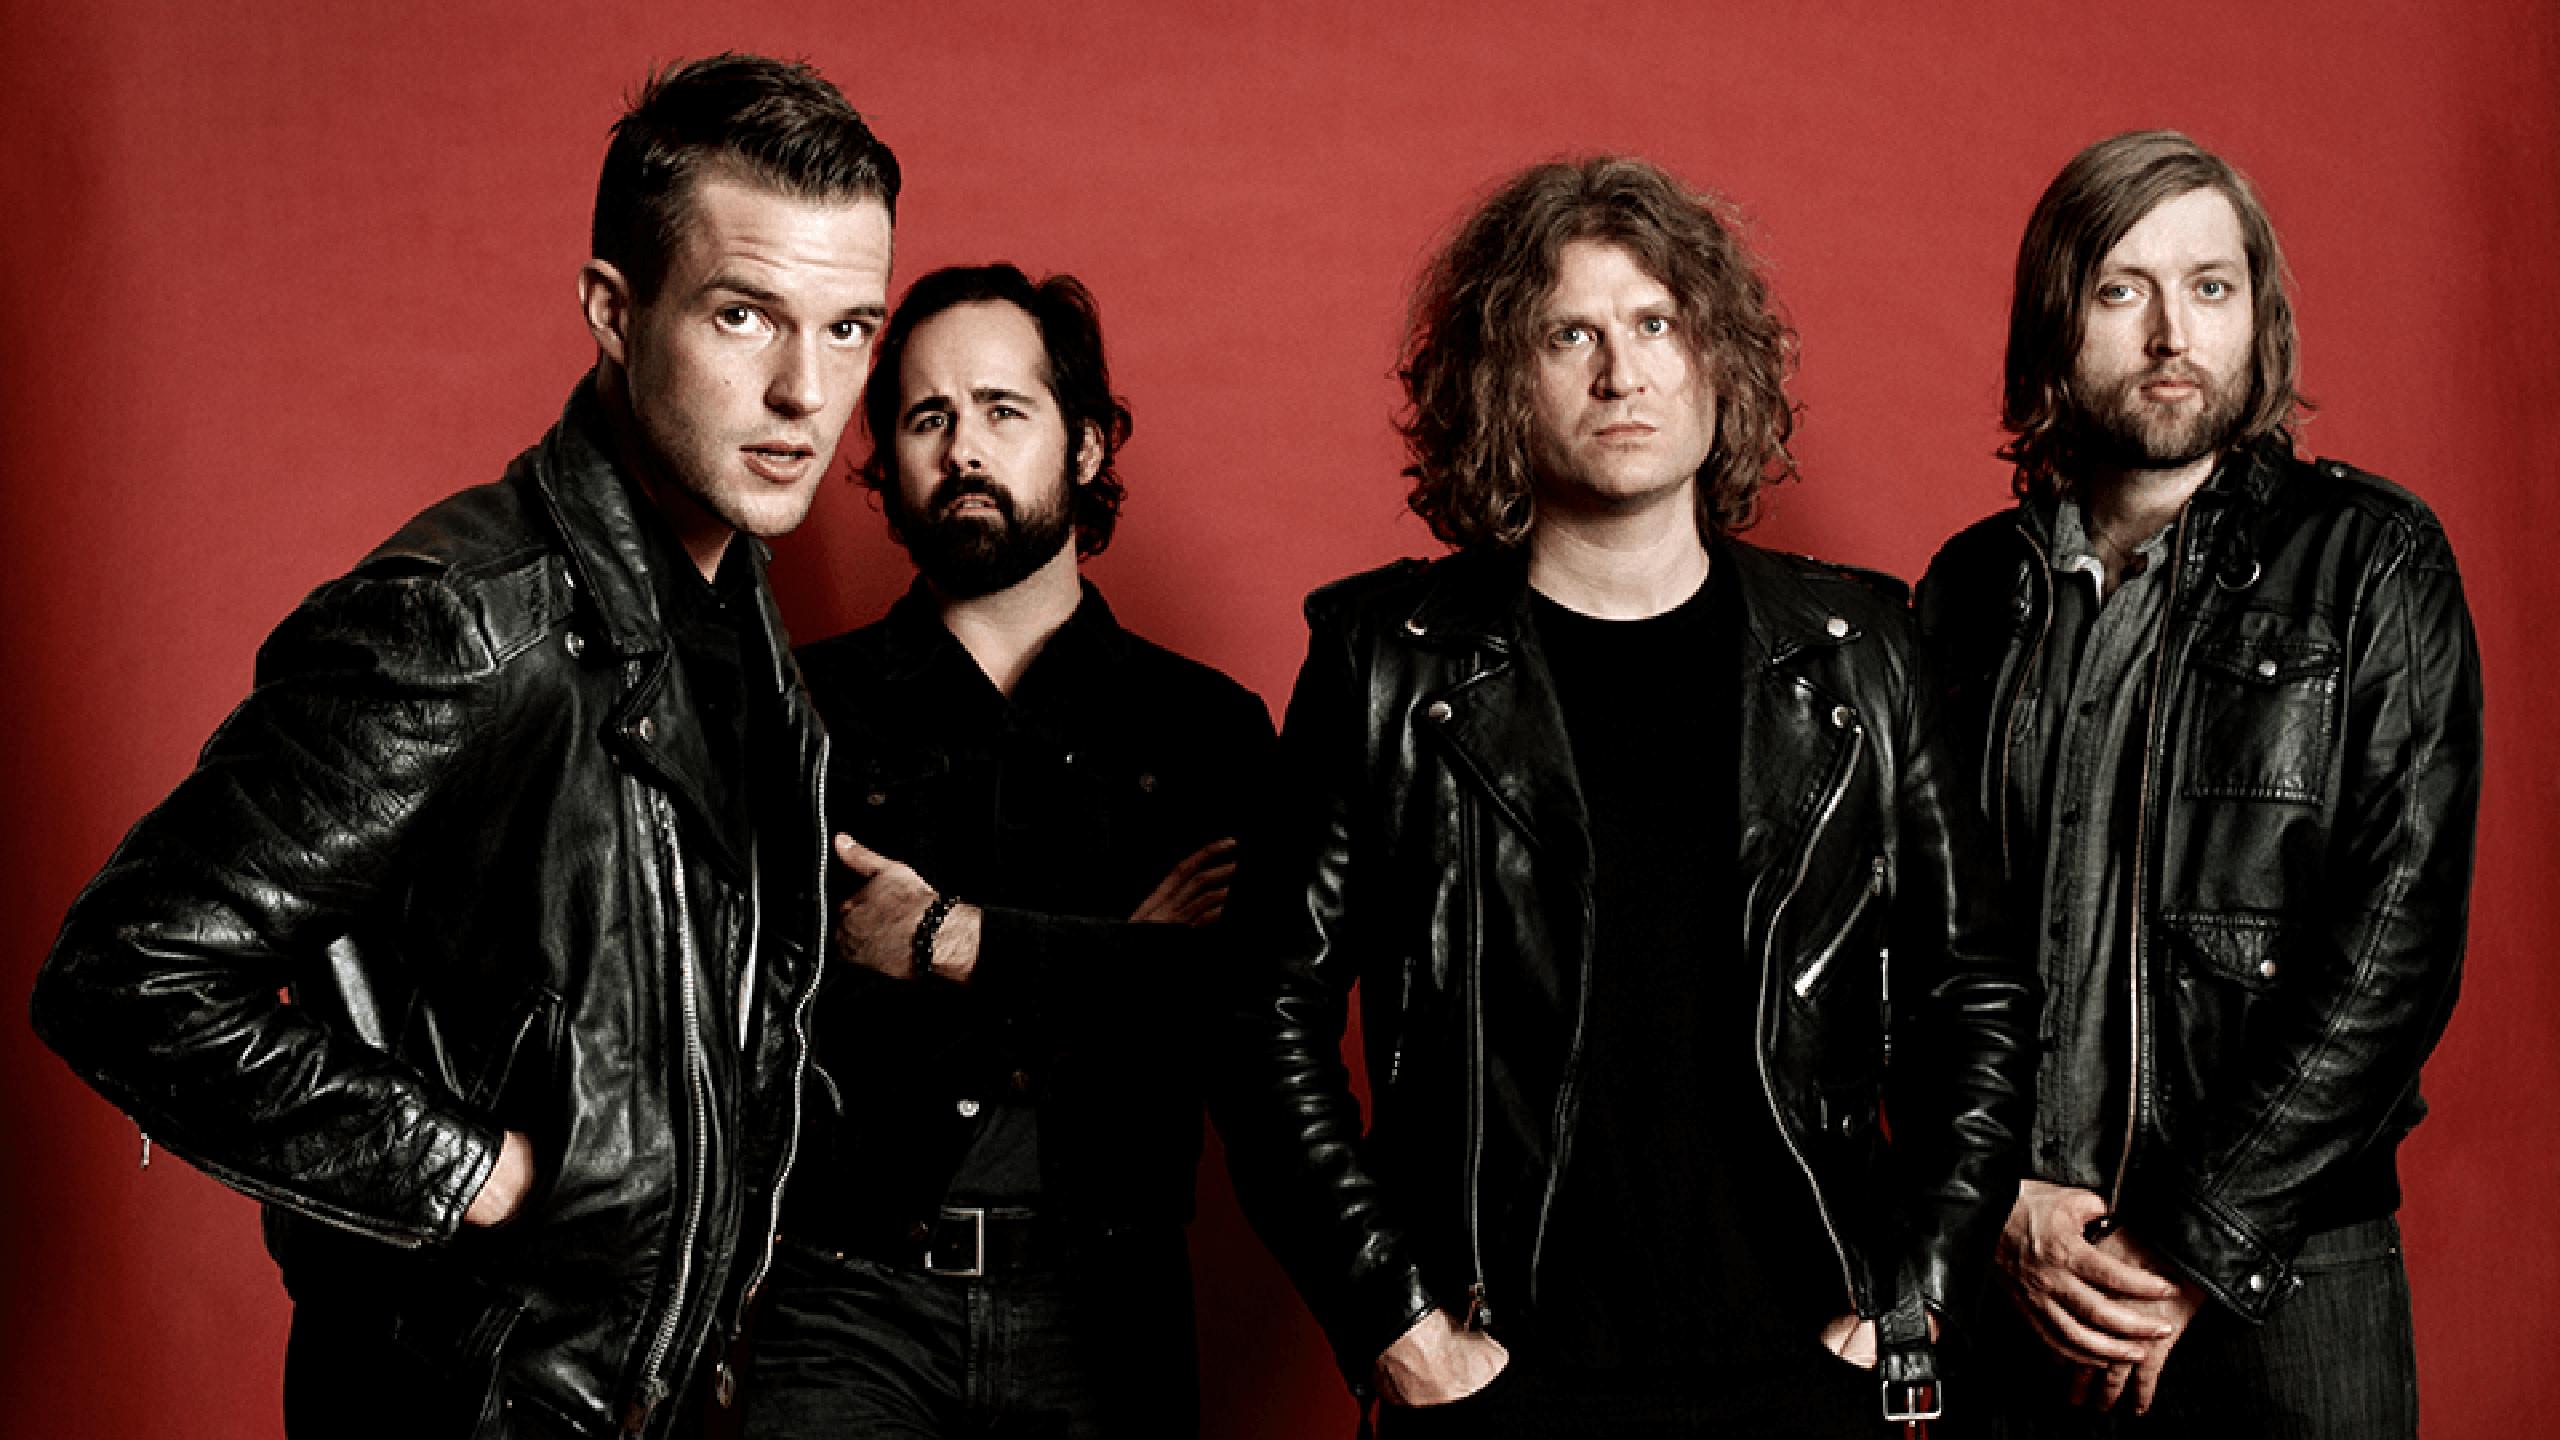 SONAR con The Rolling Stones, Jessie Ware, The Killers, Ale Zurita & Pedro Bulgakov - Radio Cantilo